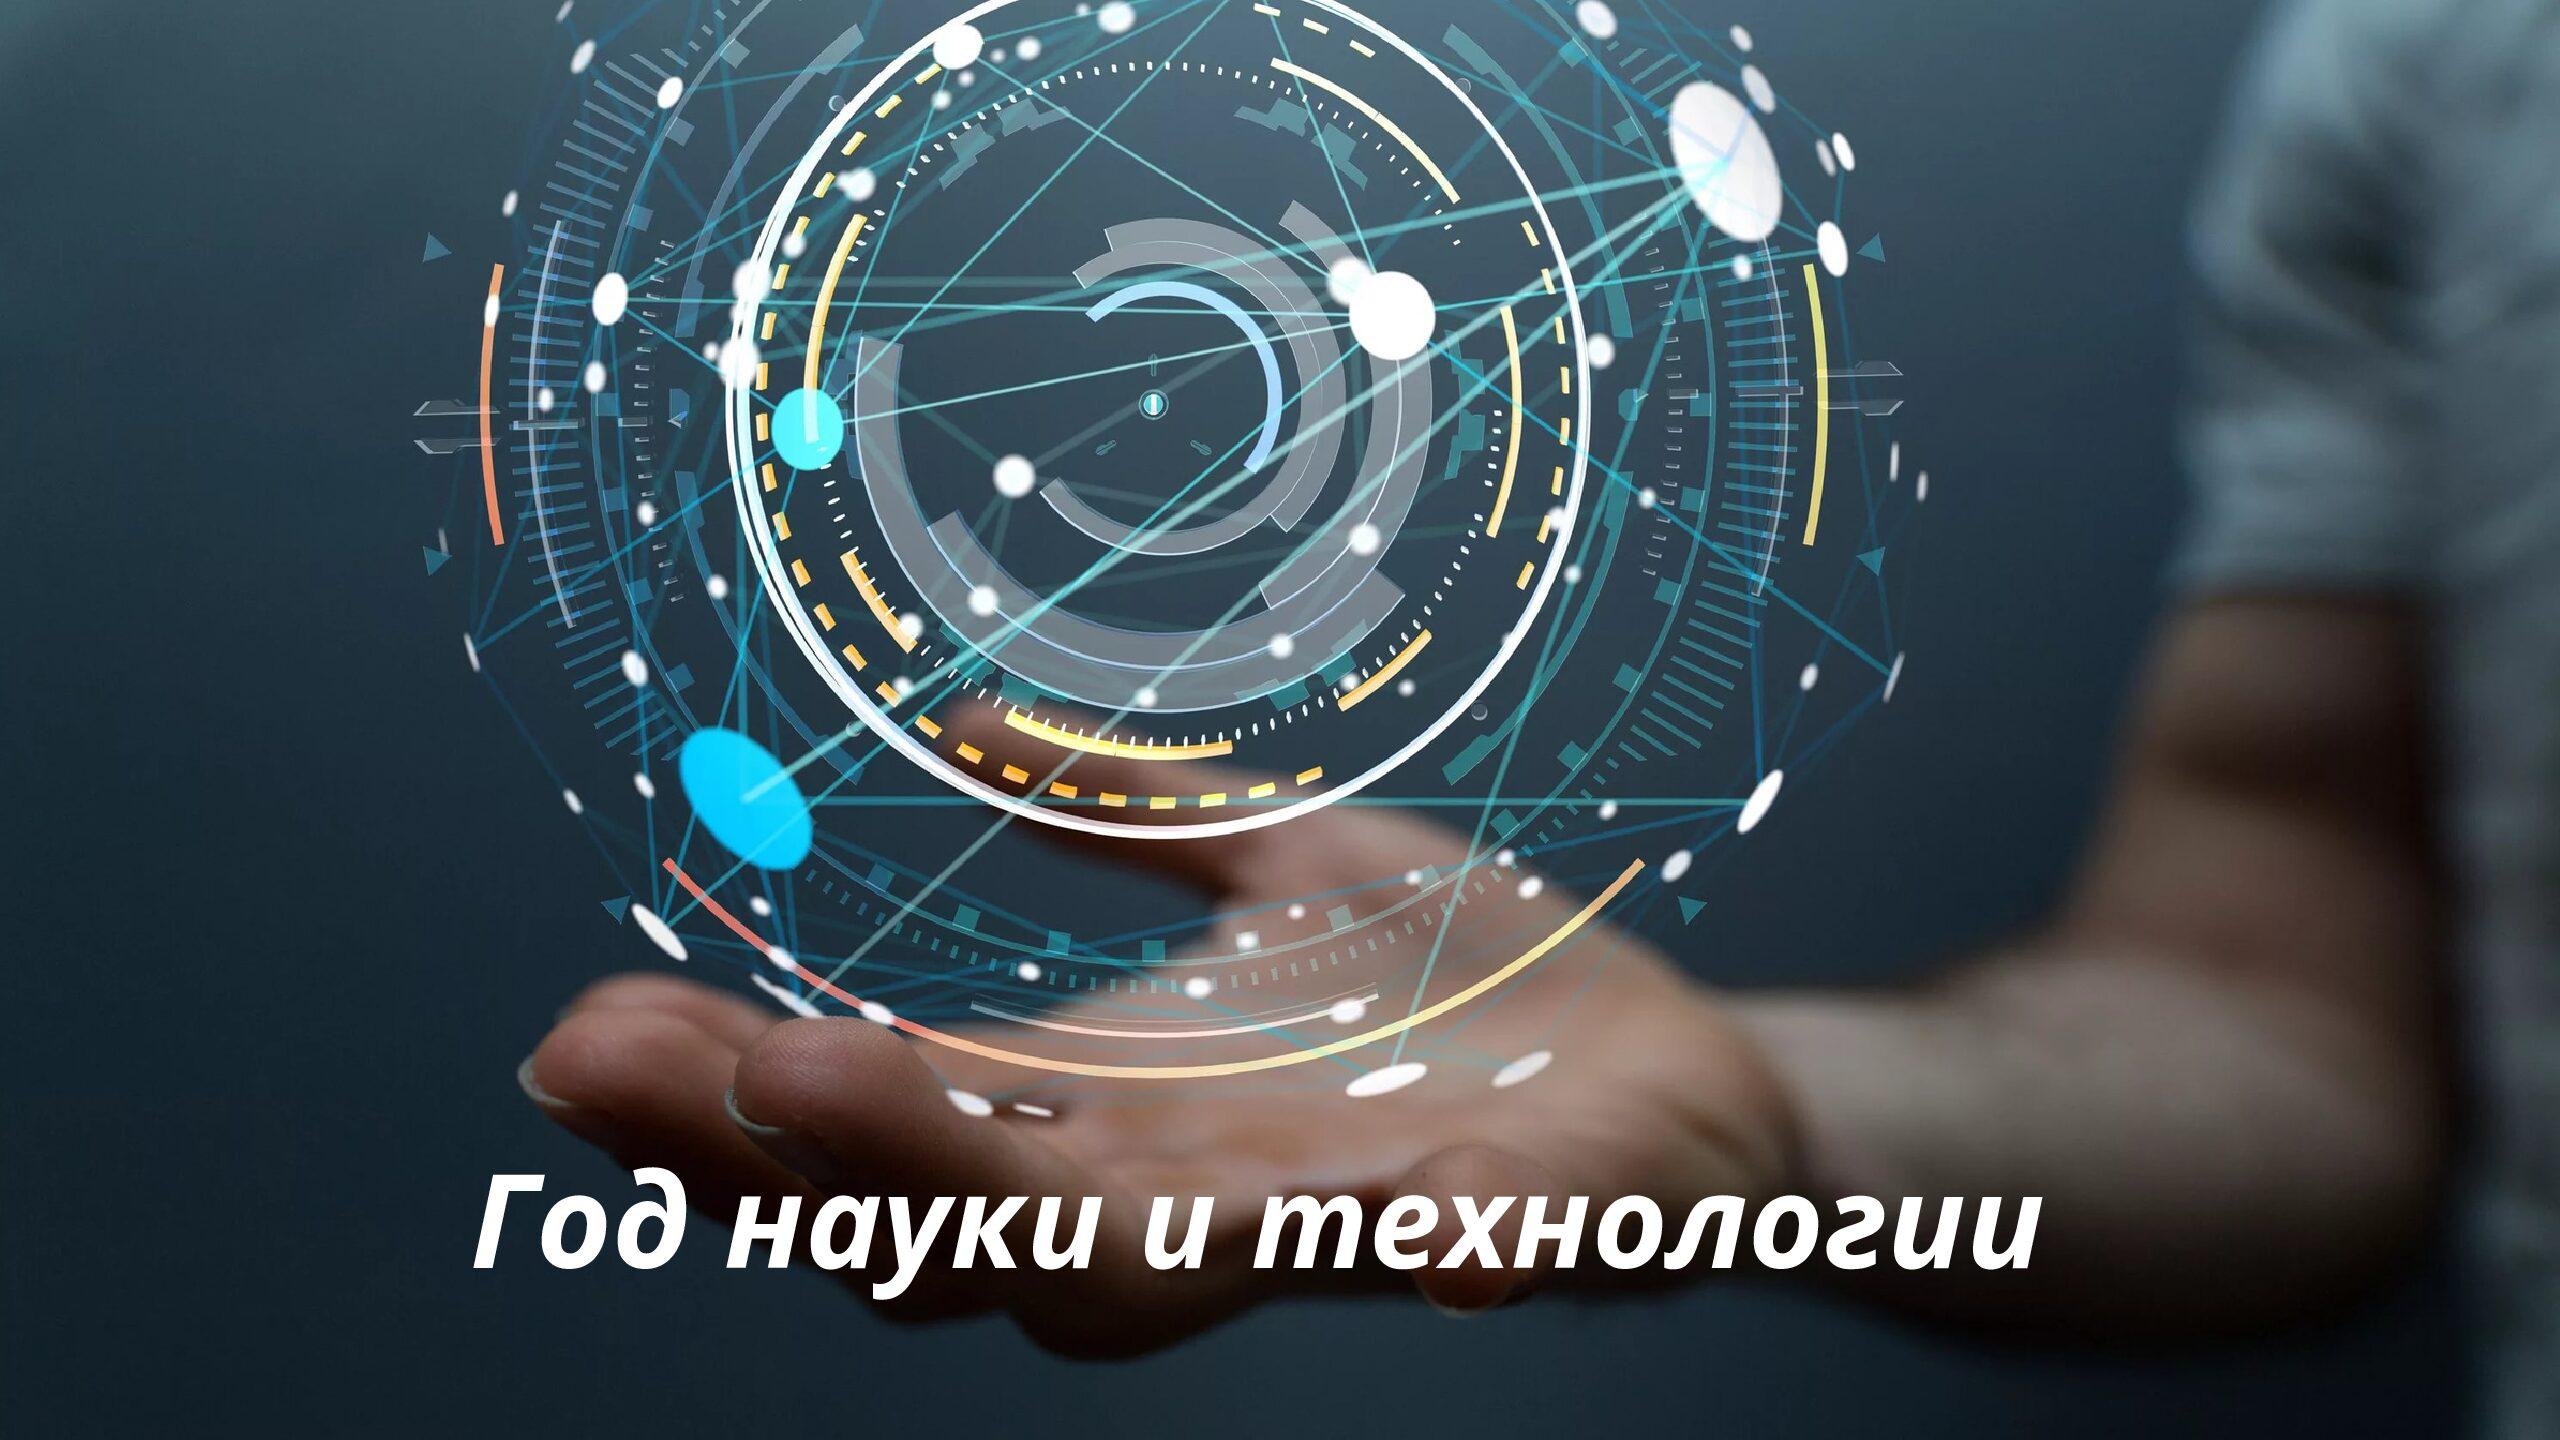 2021 год науки и технологии банер